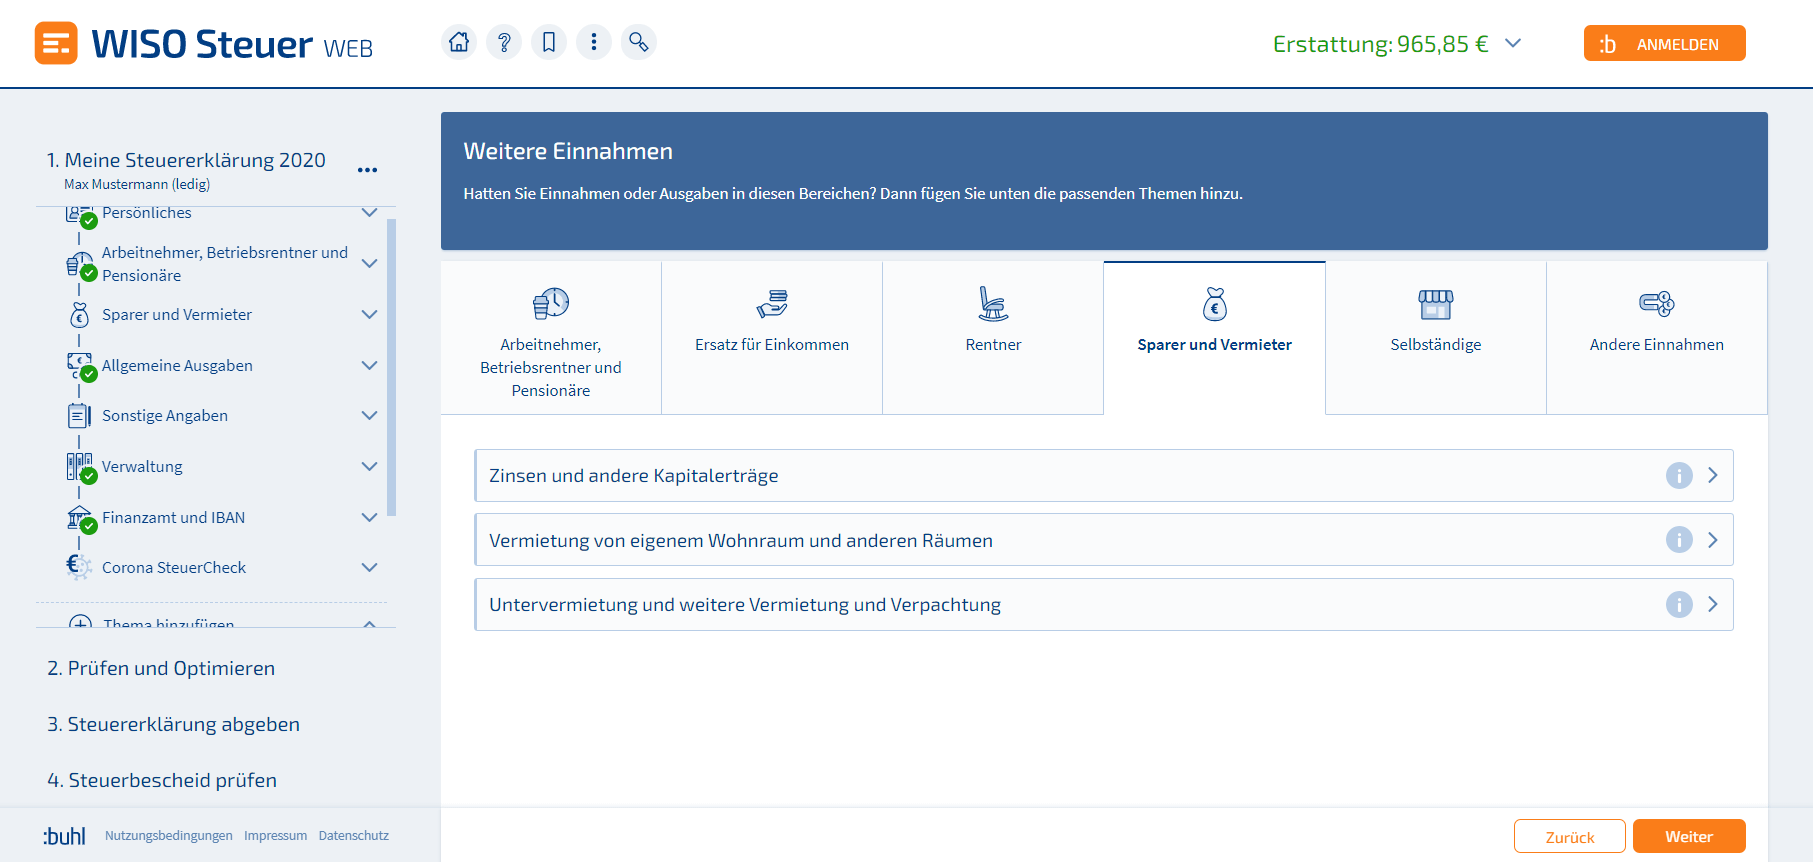 Schuldzinsen WISO Steuer Screenshot